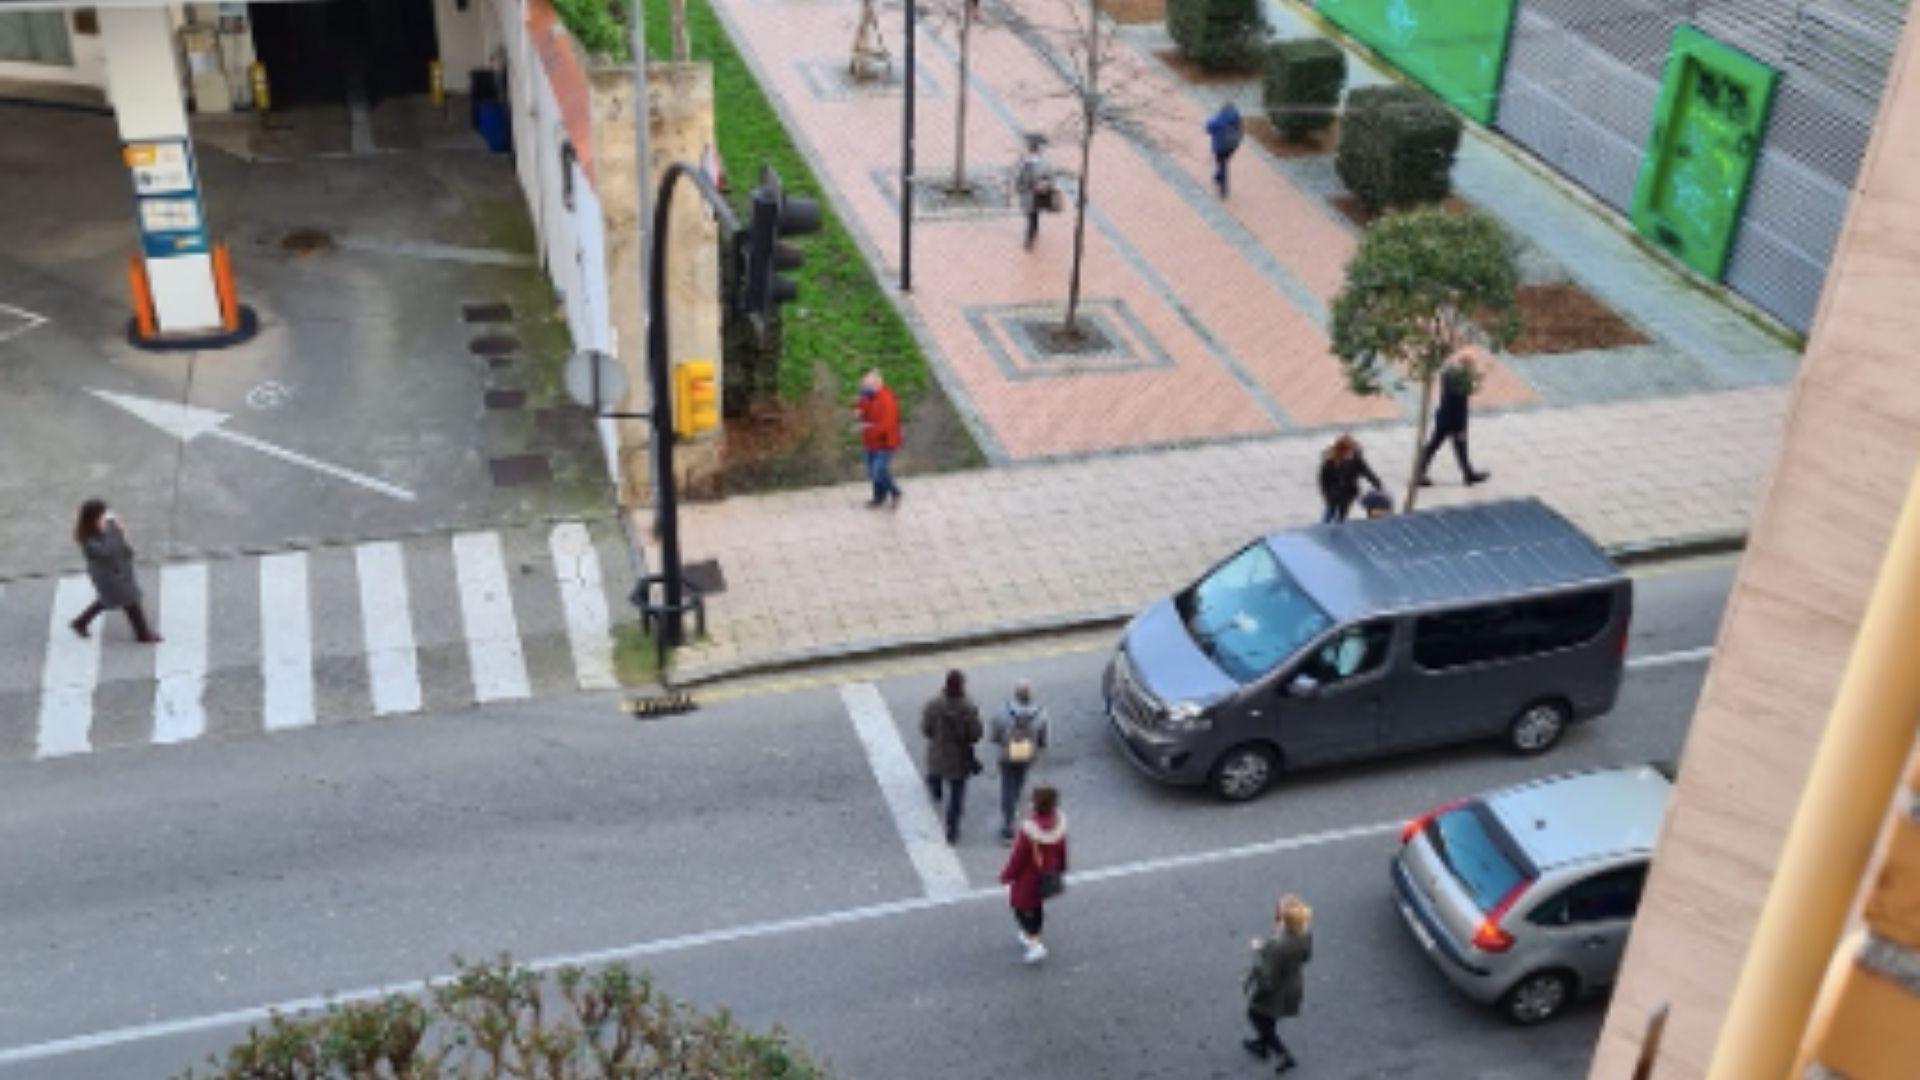 Los diseños para la nueva carade Cimavilla a Poniente.Cruce de la avenida de Portugal con el paso peatonal que comunica con la carretera Vizcaína